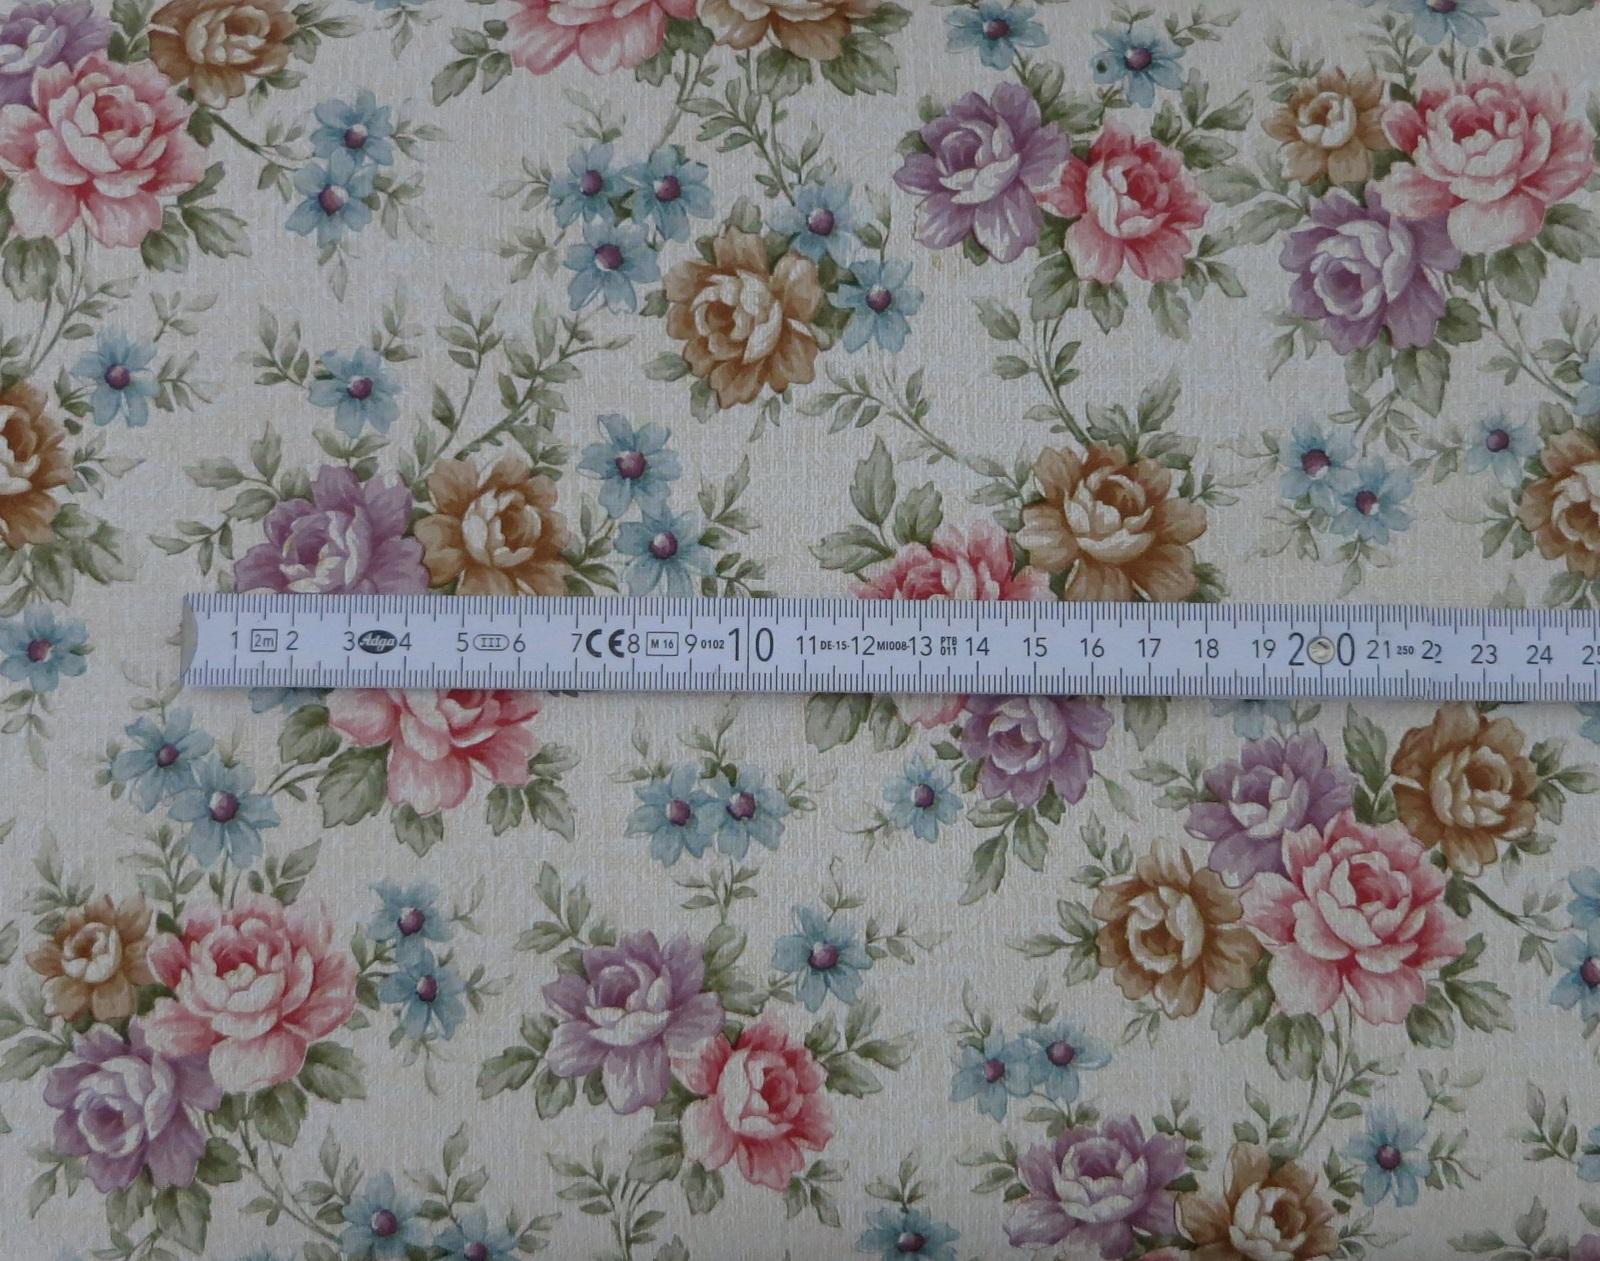 Klebefolie Rosen rot Möbelfolie Blumen Retro selbstklebende Dekorfolie 45x200 cm